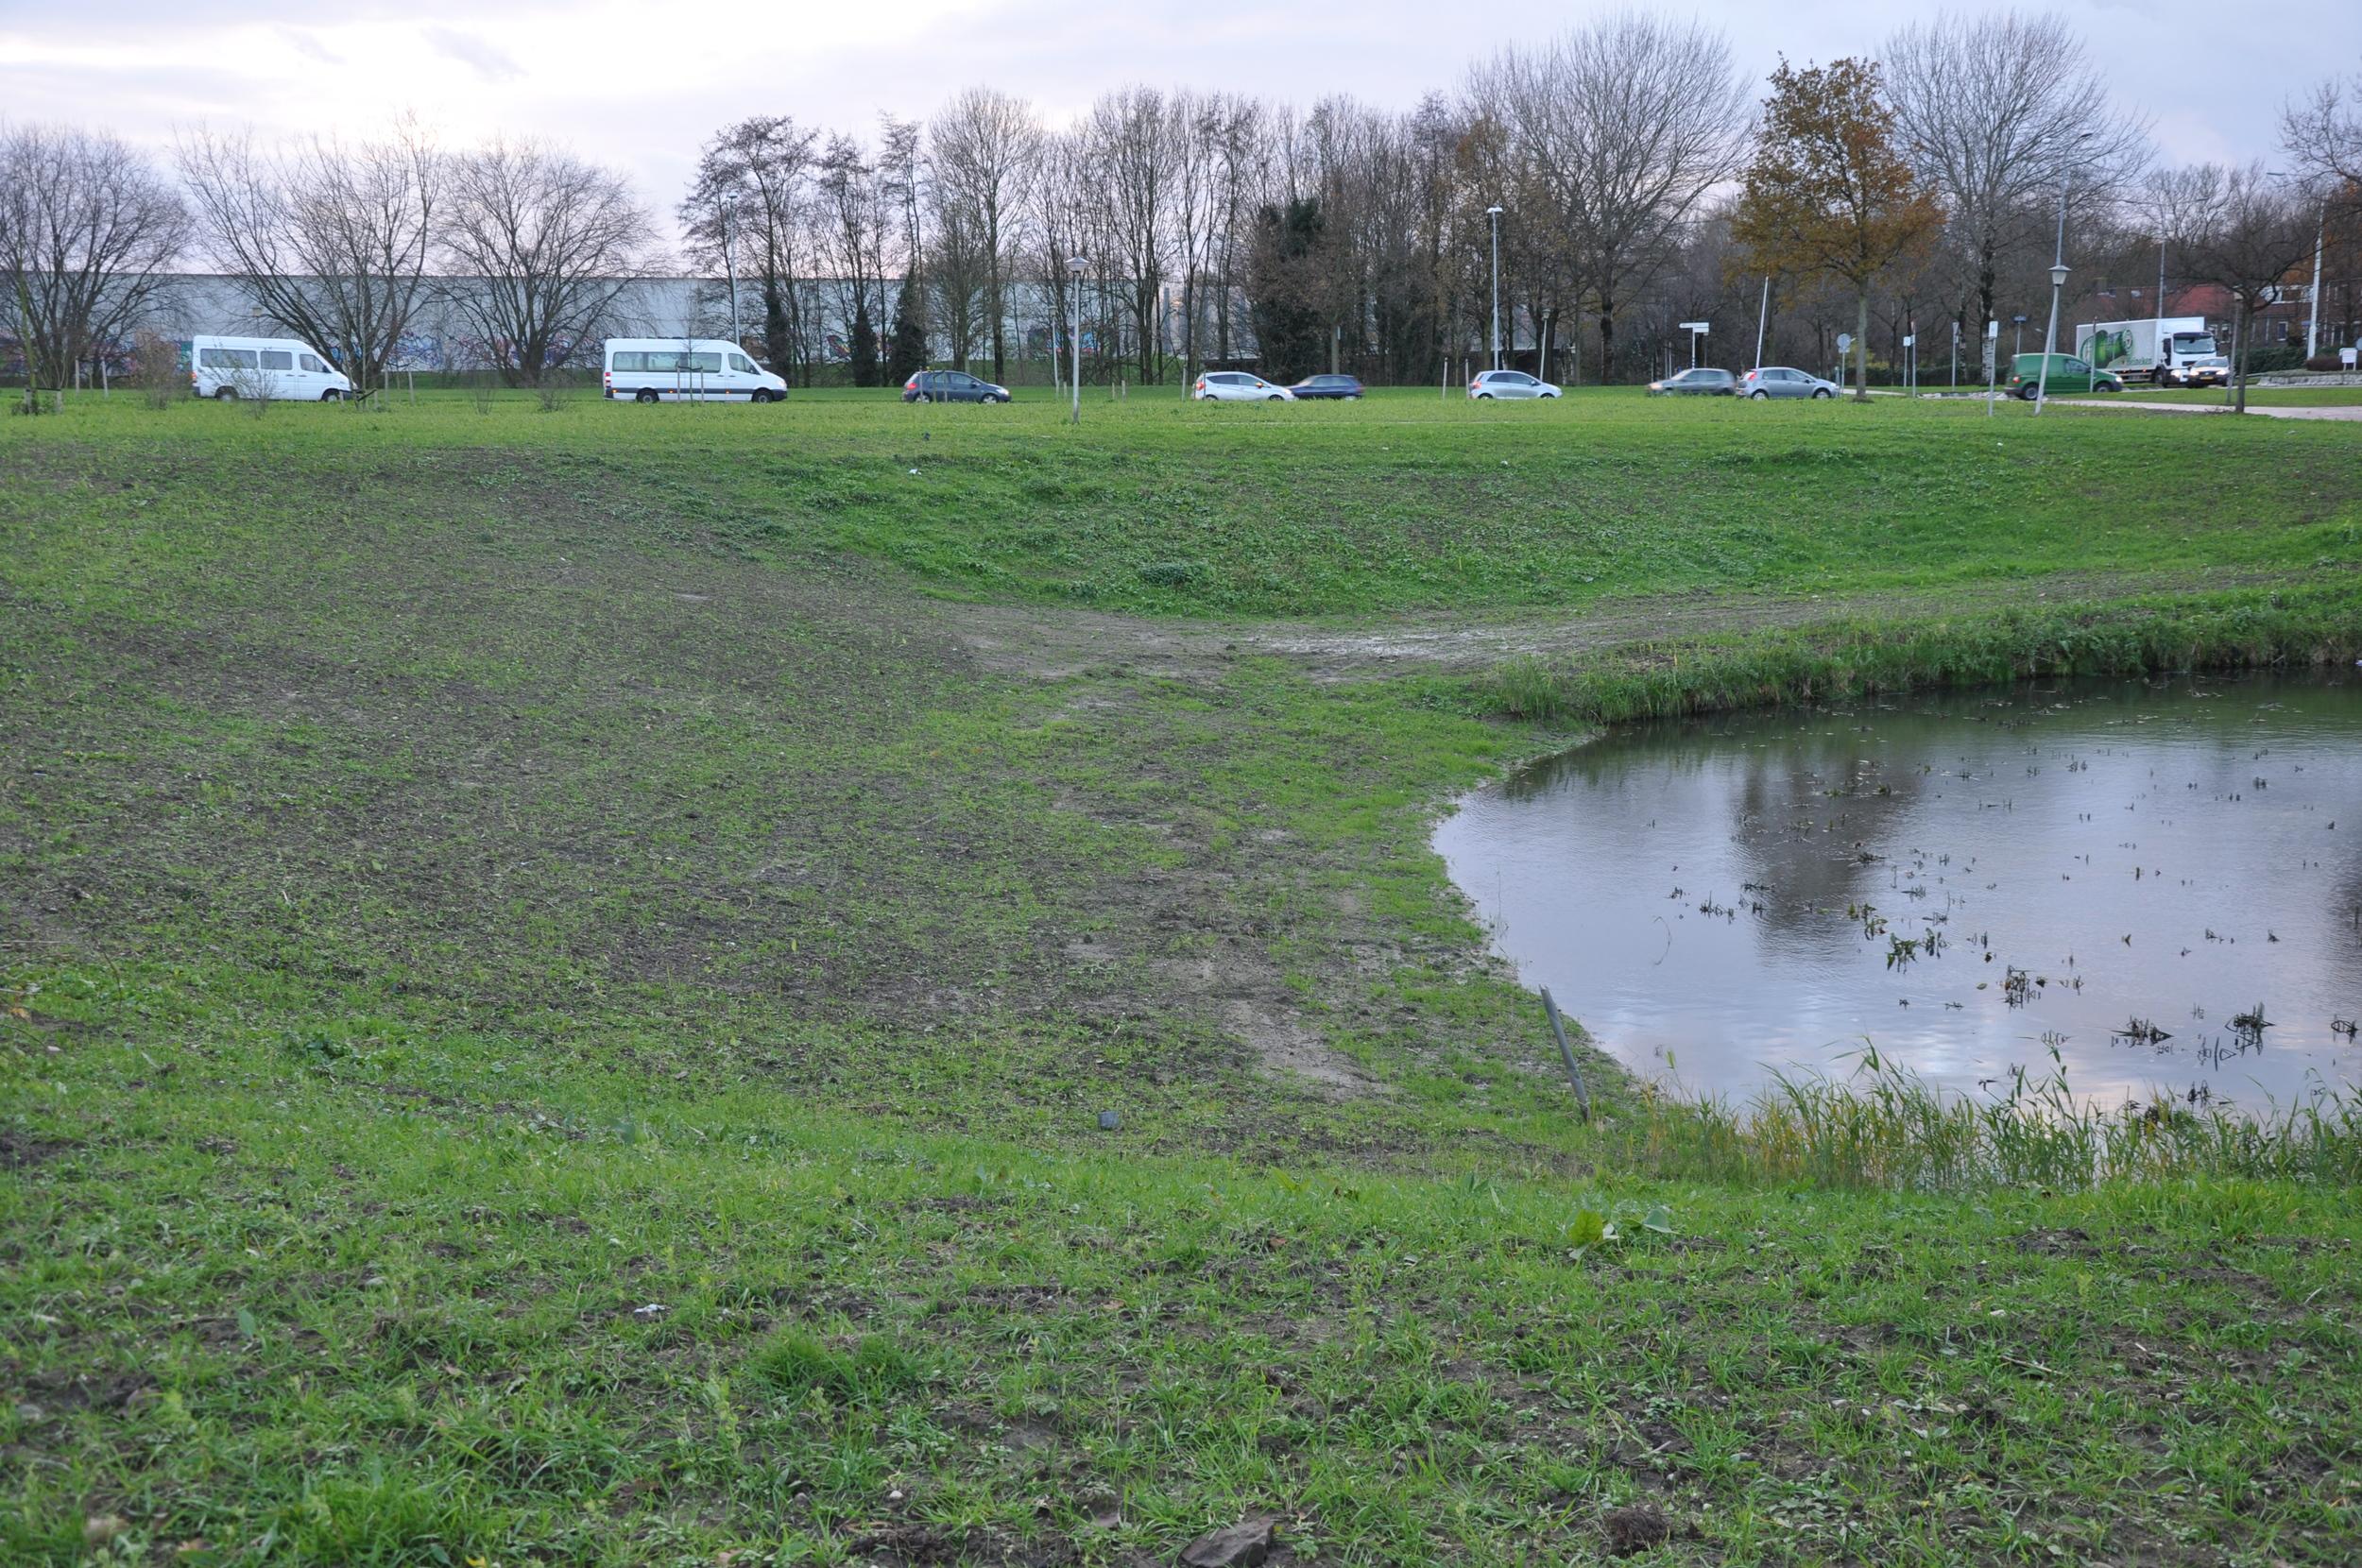 Aangepast talud bij de voormalige waterbuffer waarbij een groot deel vanhet riet met wortel en al is verwijderd, najaar 2014